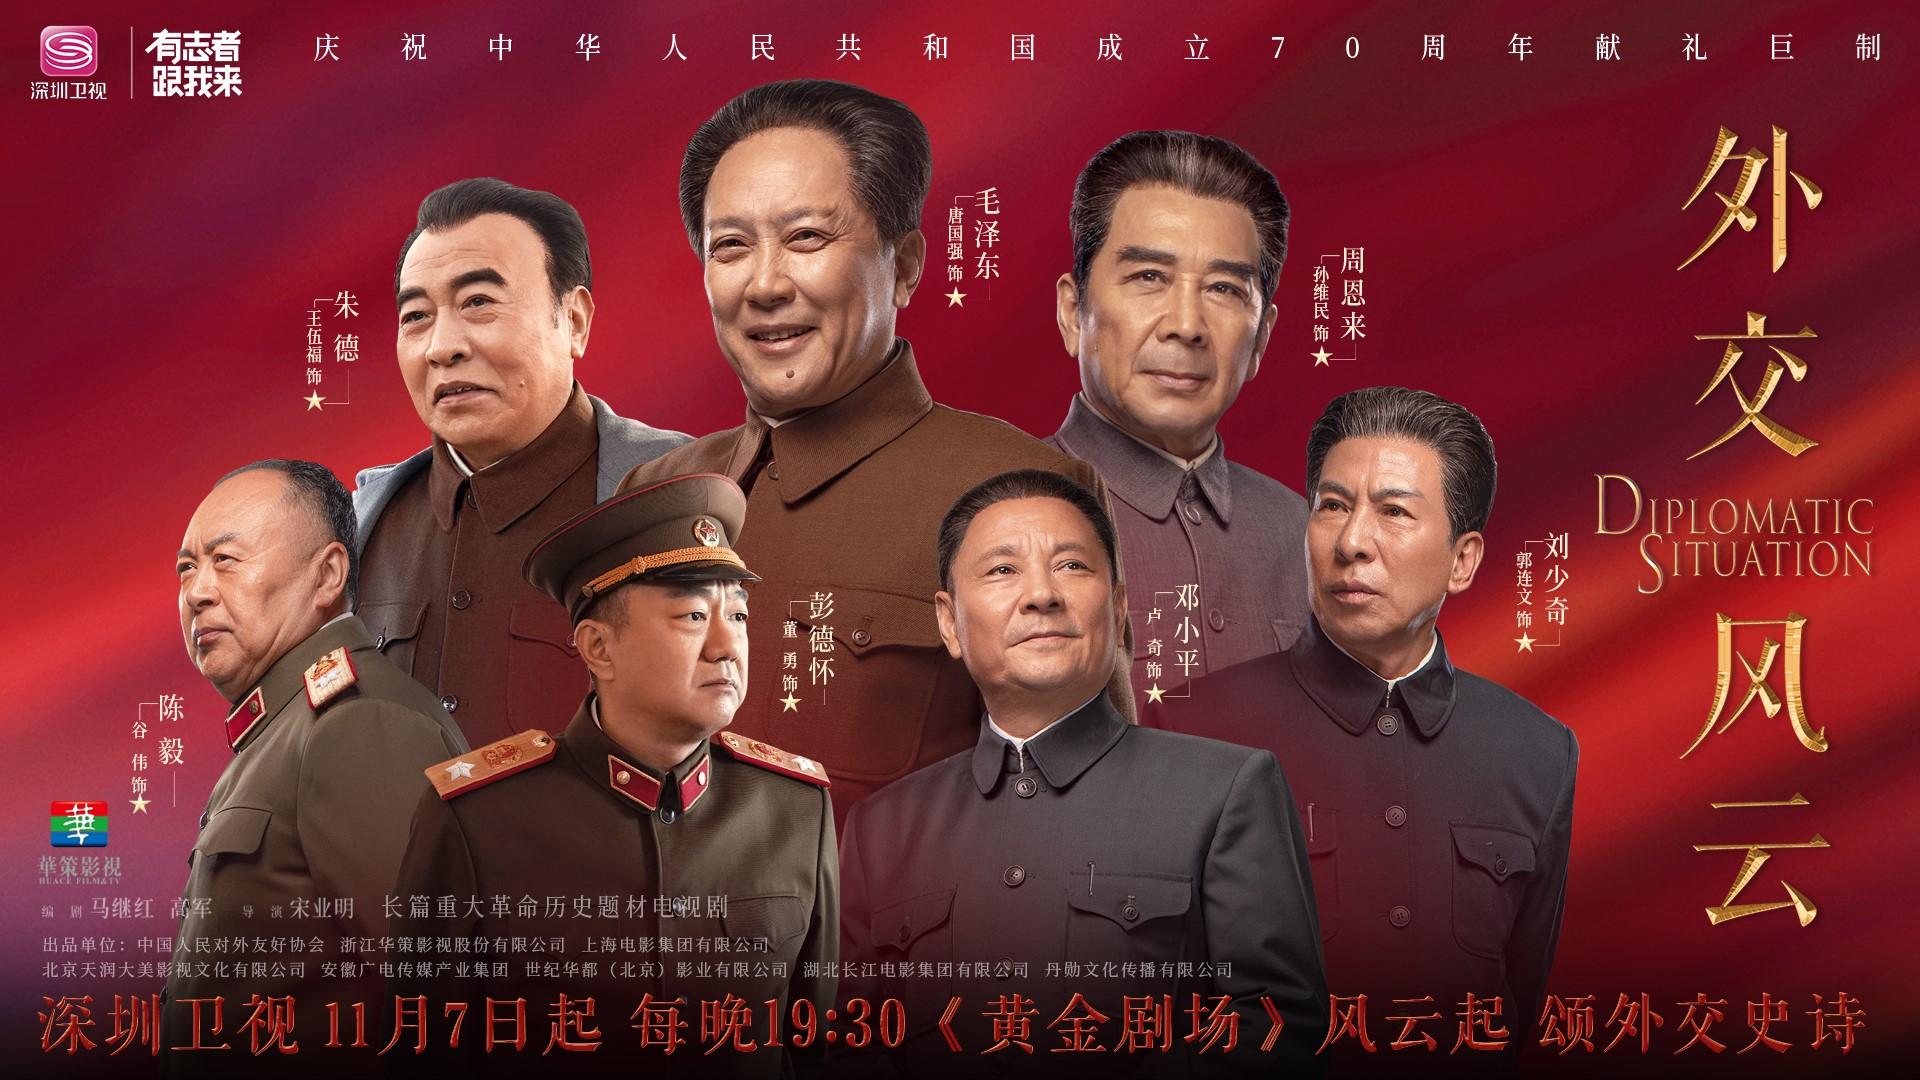 深圳卫视《外交风云》海报.jpg